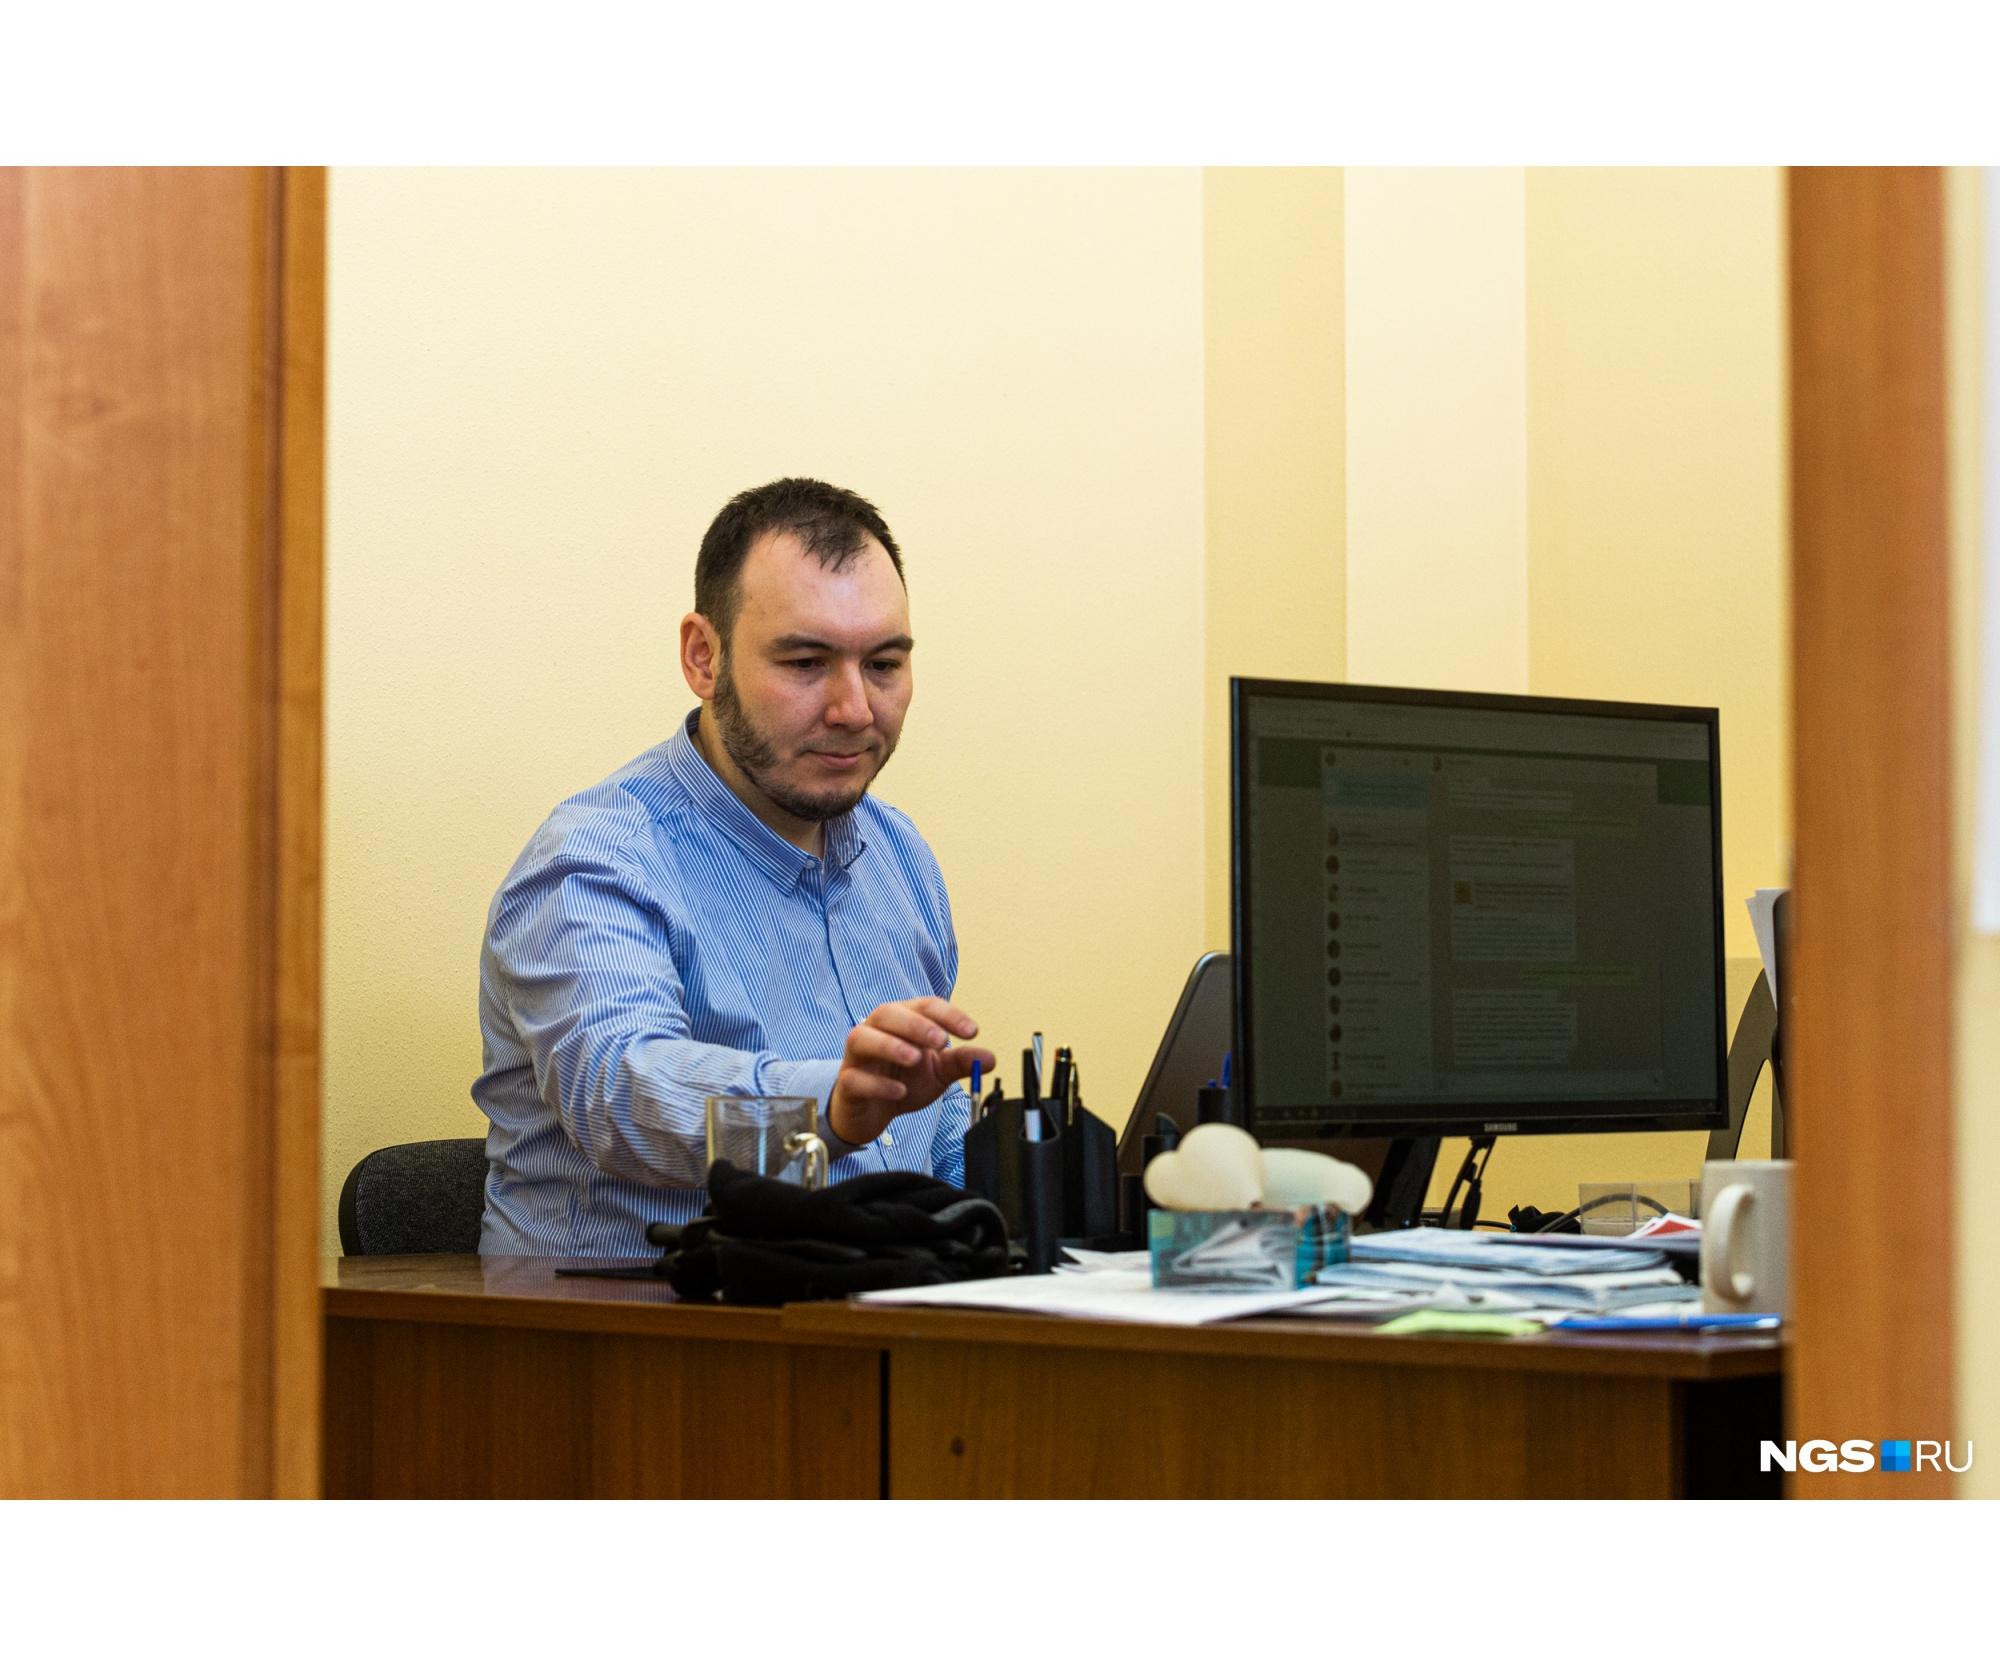 Своего рабочего кабинета в Новосибирске у Булата нет: когда он приезжает сюда, то временно ютится на любом свободном месте